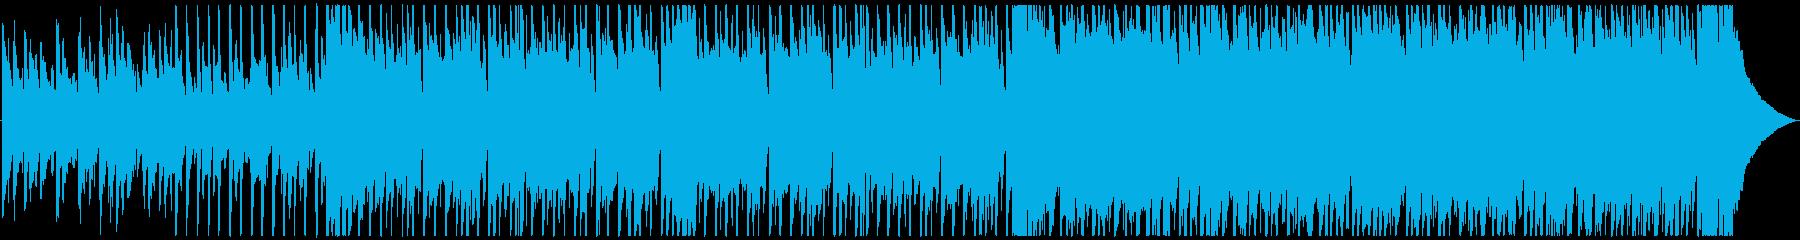 【ハーフサイズ】前向き・軽快ピアノポップの再生済みの波形